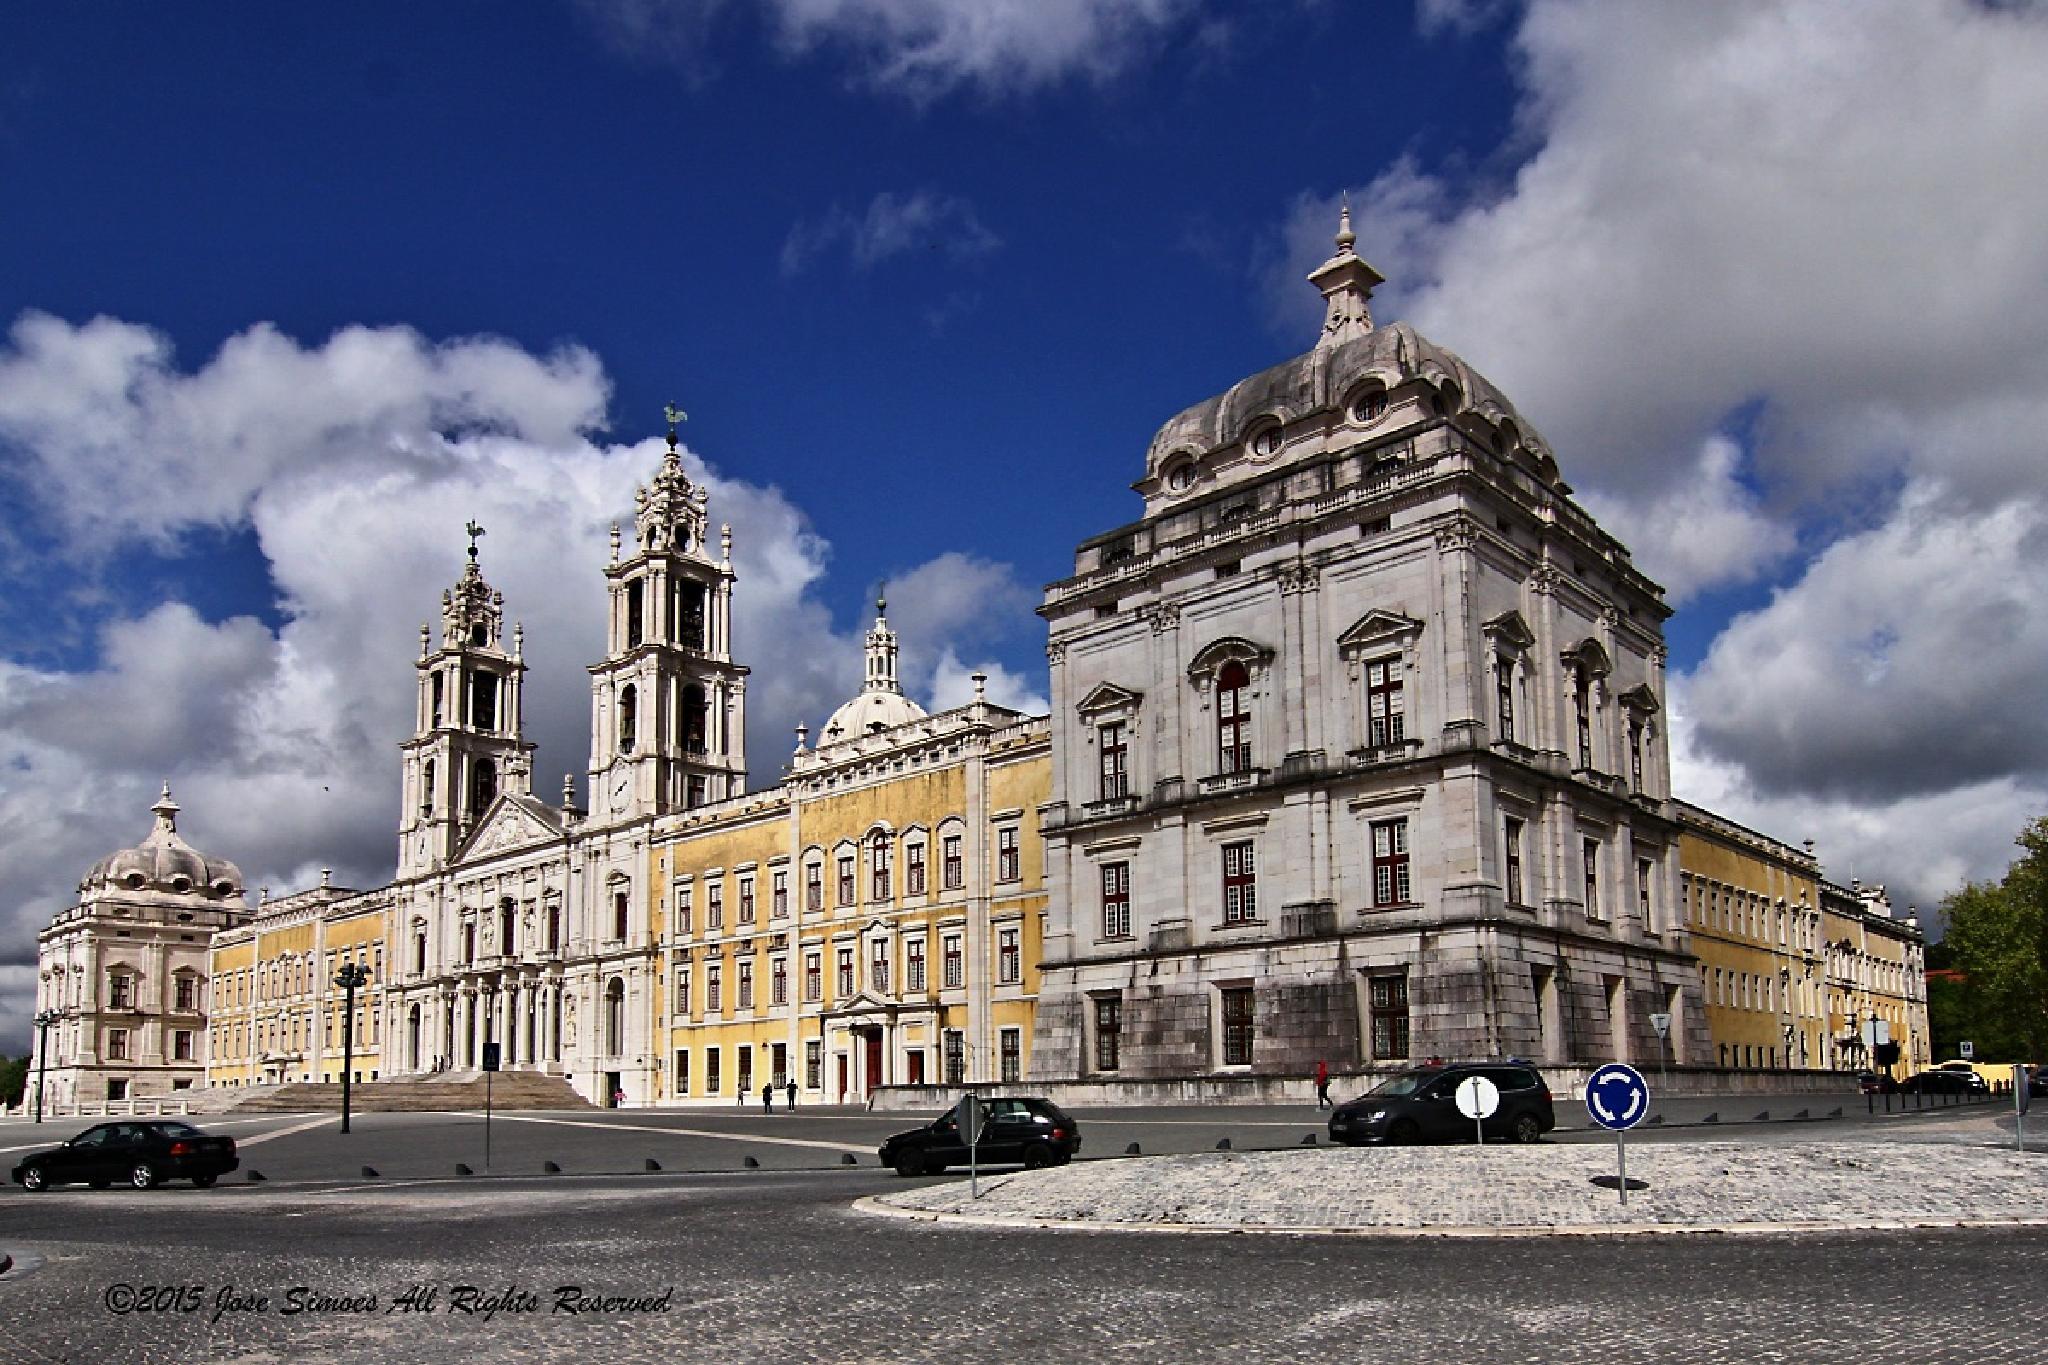 Palácio nacional de Mafra by Jose Simoes